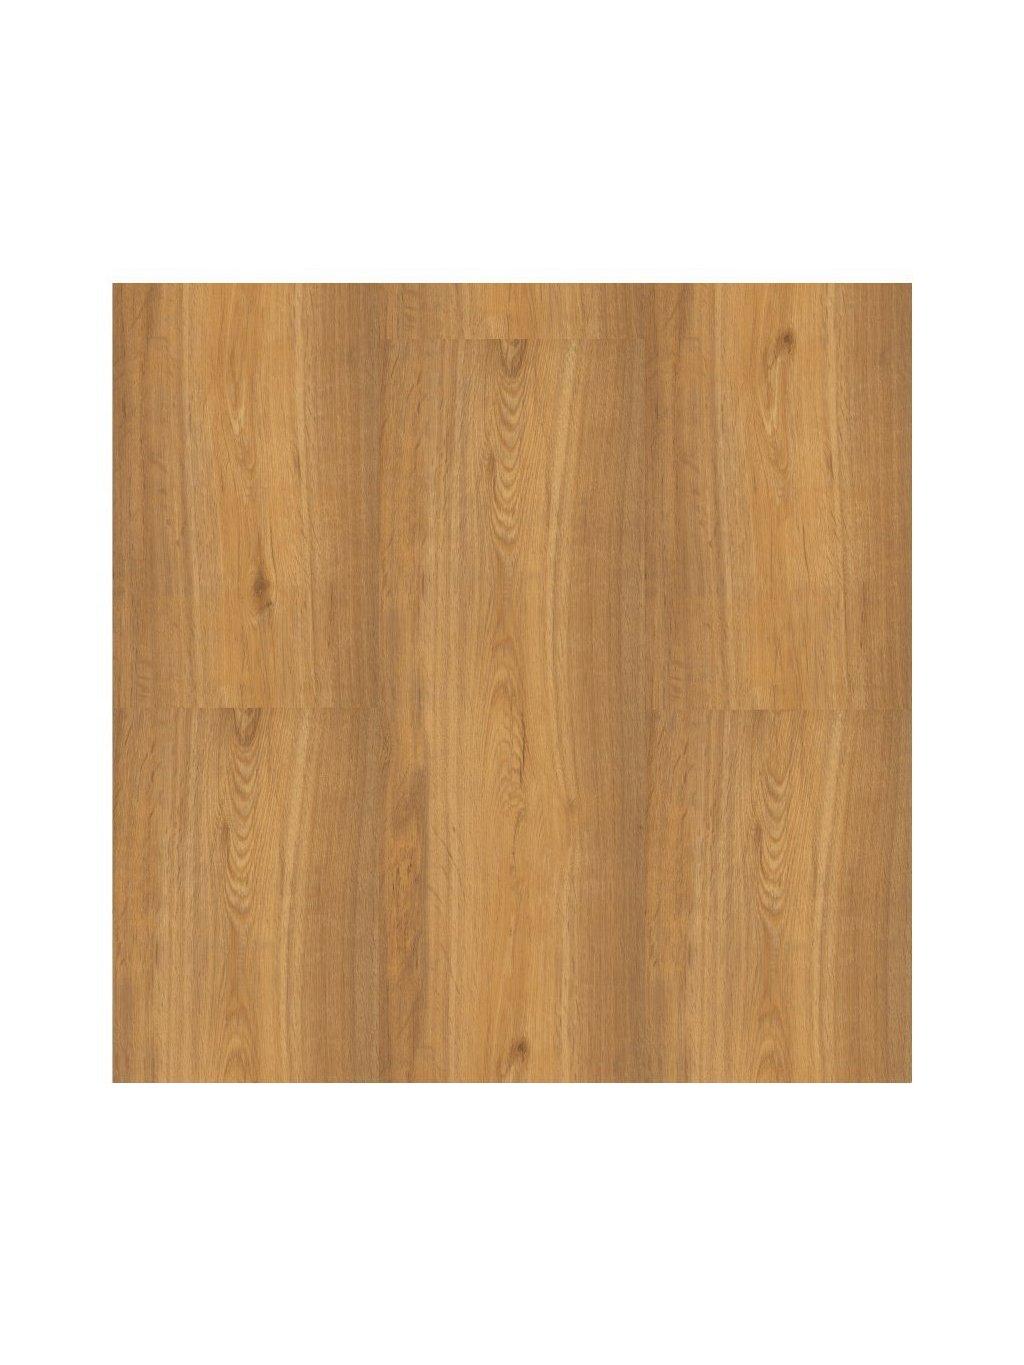 Plovoucí vinylová podlaha na HDF desce s korkem Ecoline Click 9552 Dub medový